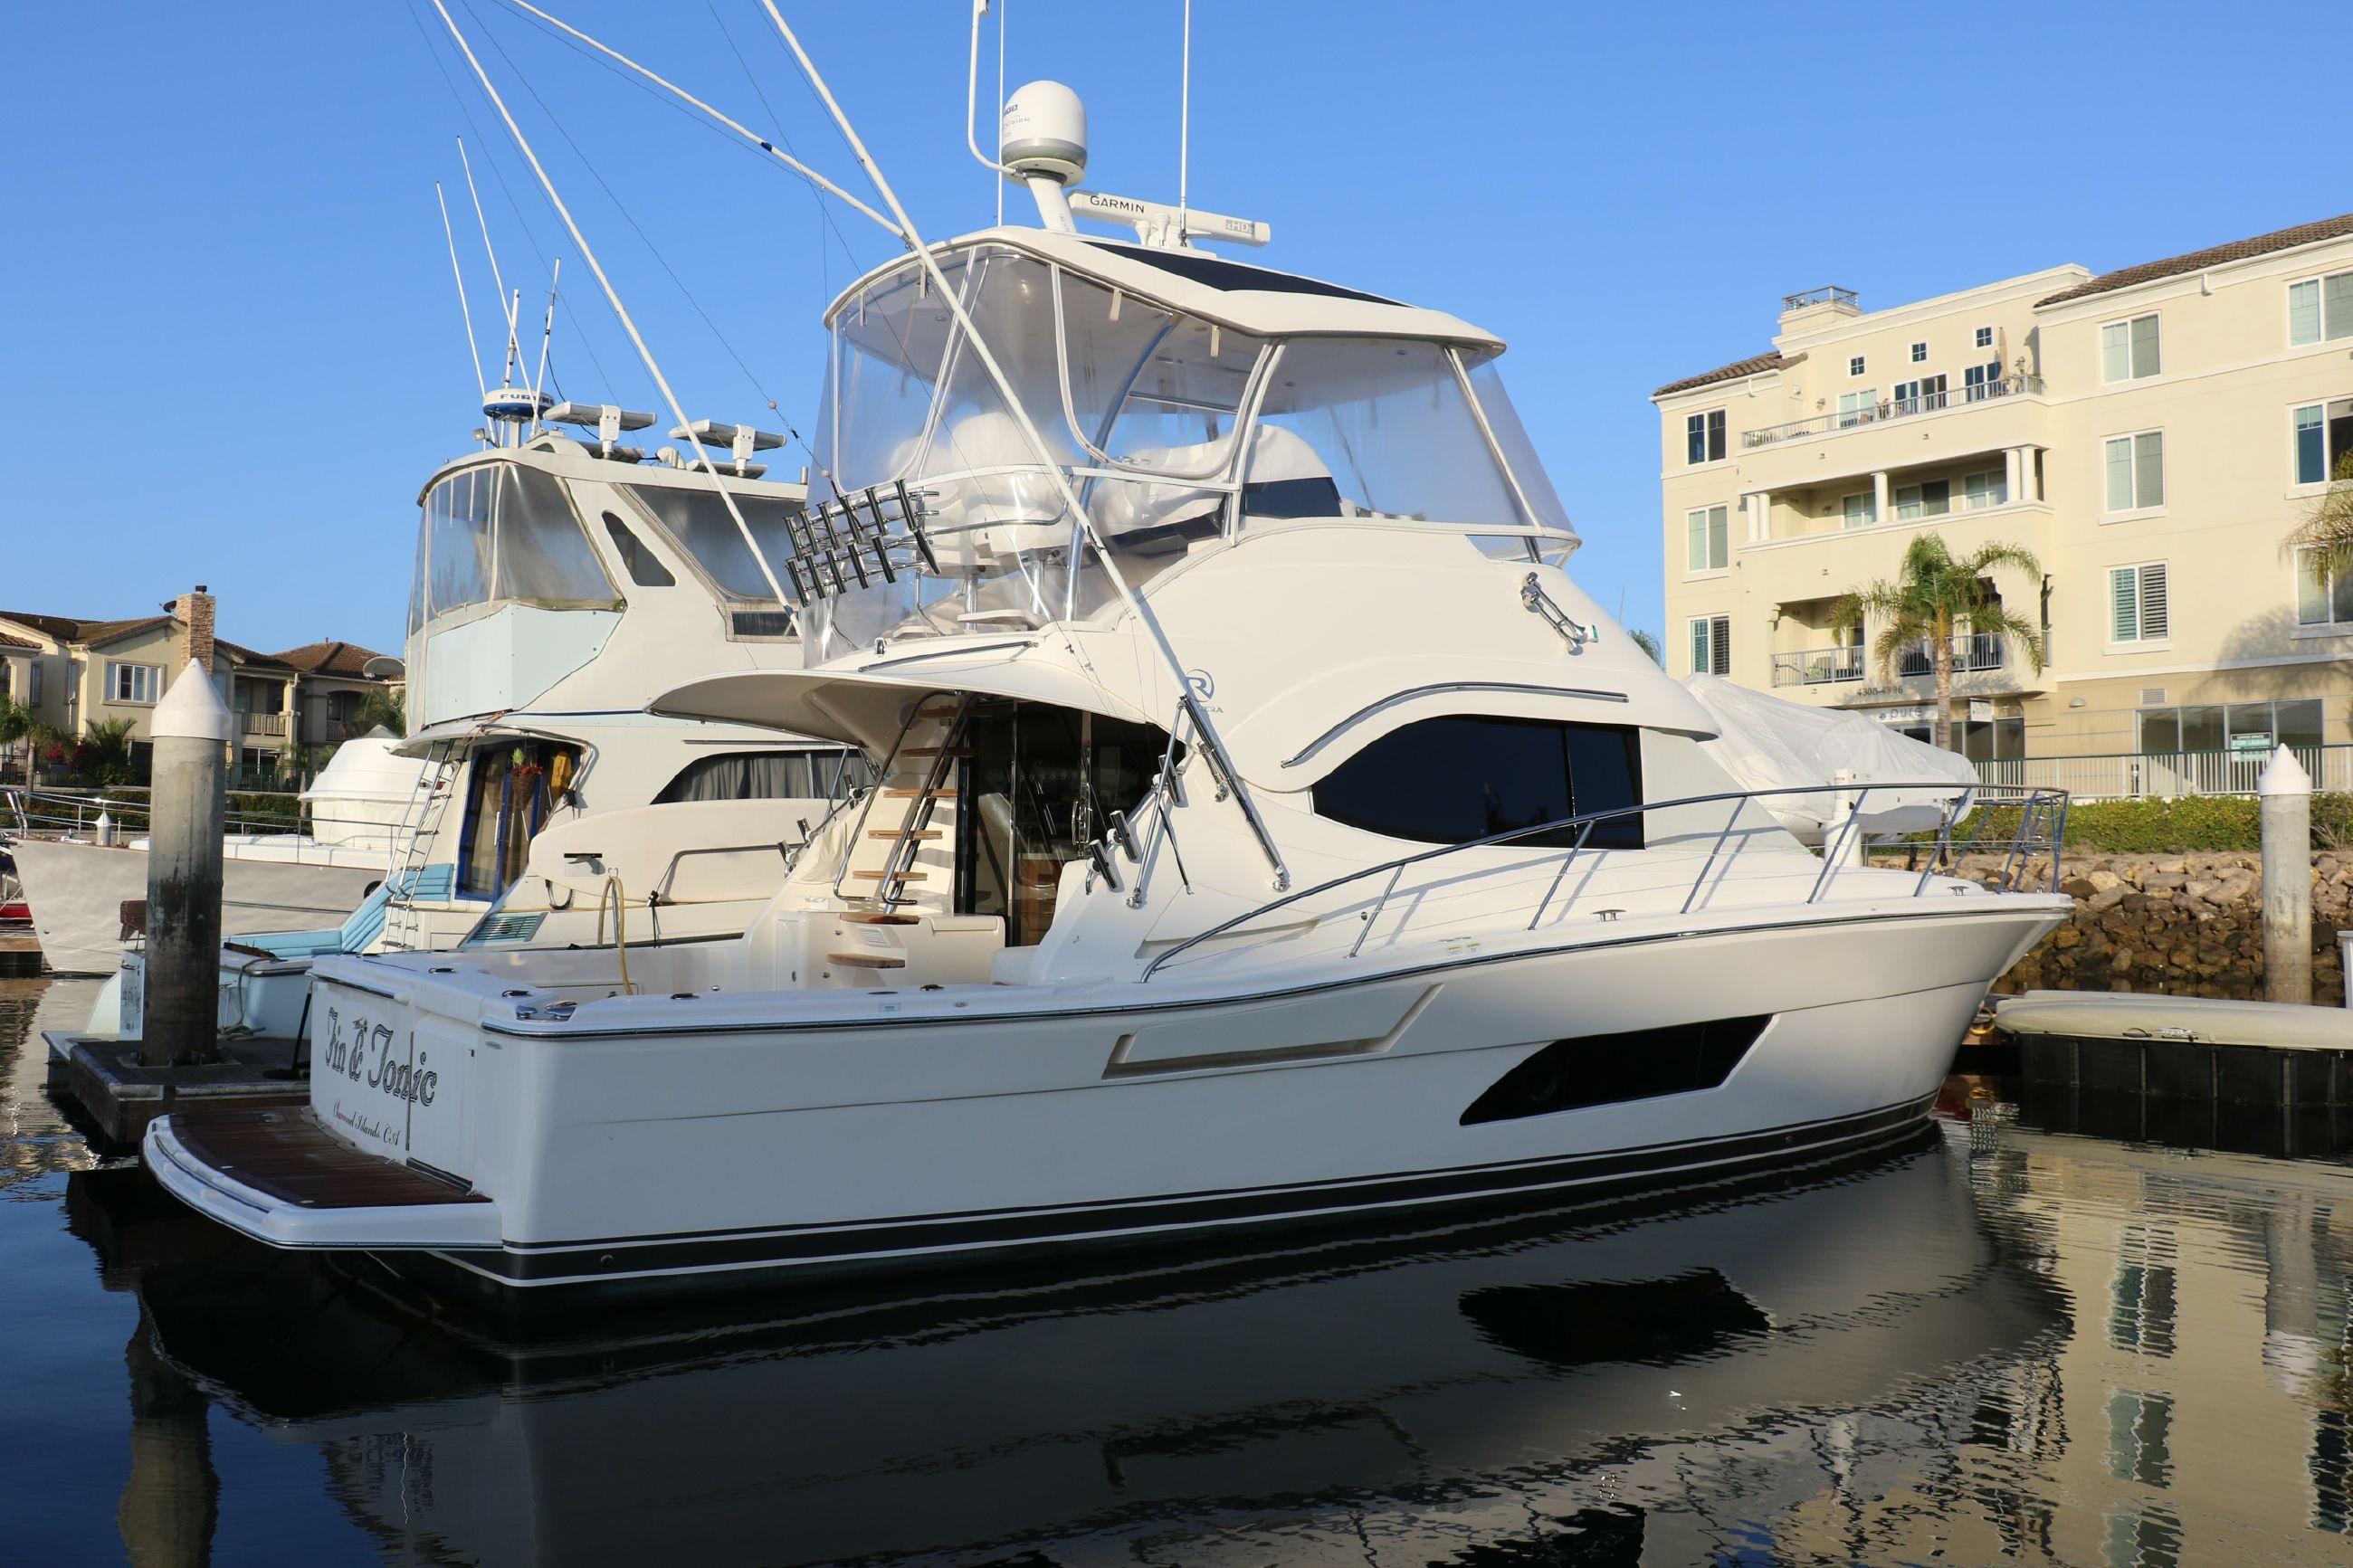 Riviera 43 Open Flybridge Yacht for sale in Channel Islands Oxnard